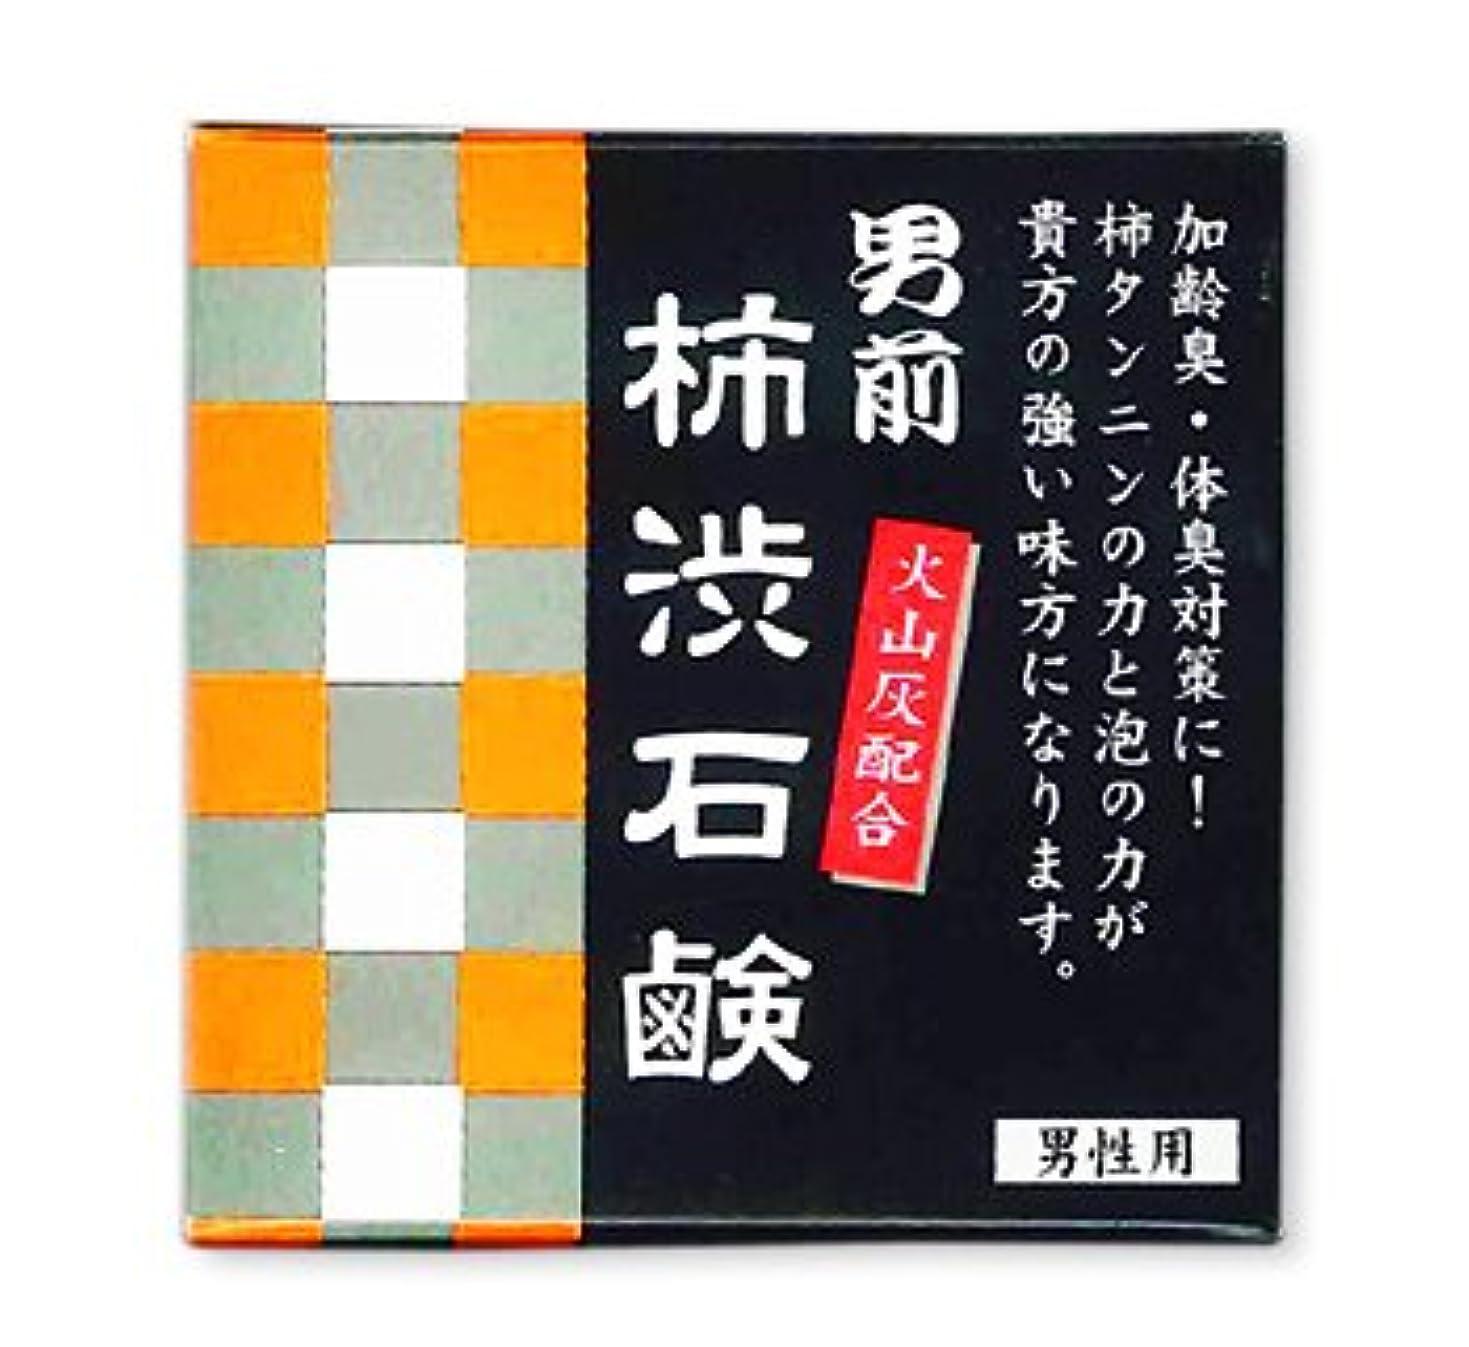 ブロックするキャンディーチャーム男磨けっ! 男前 柿渋石鹸 (80g)×20個セット 加齢臭 体臭 などに